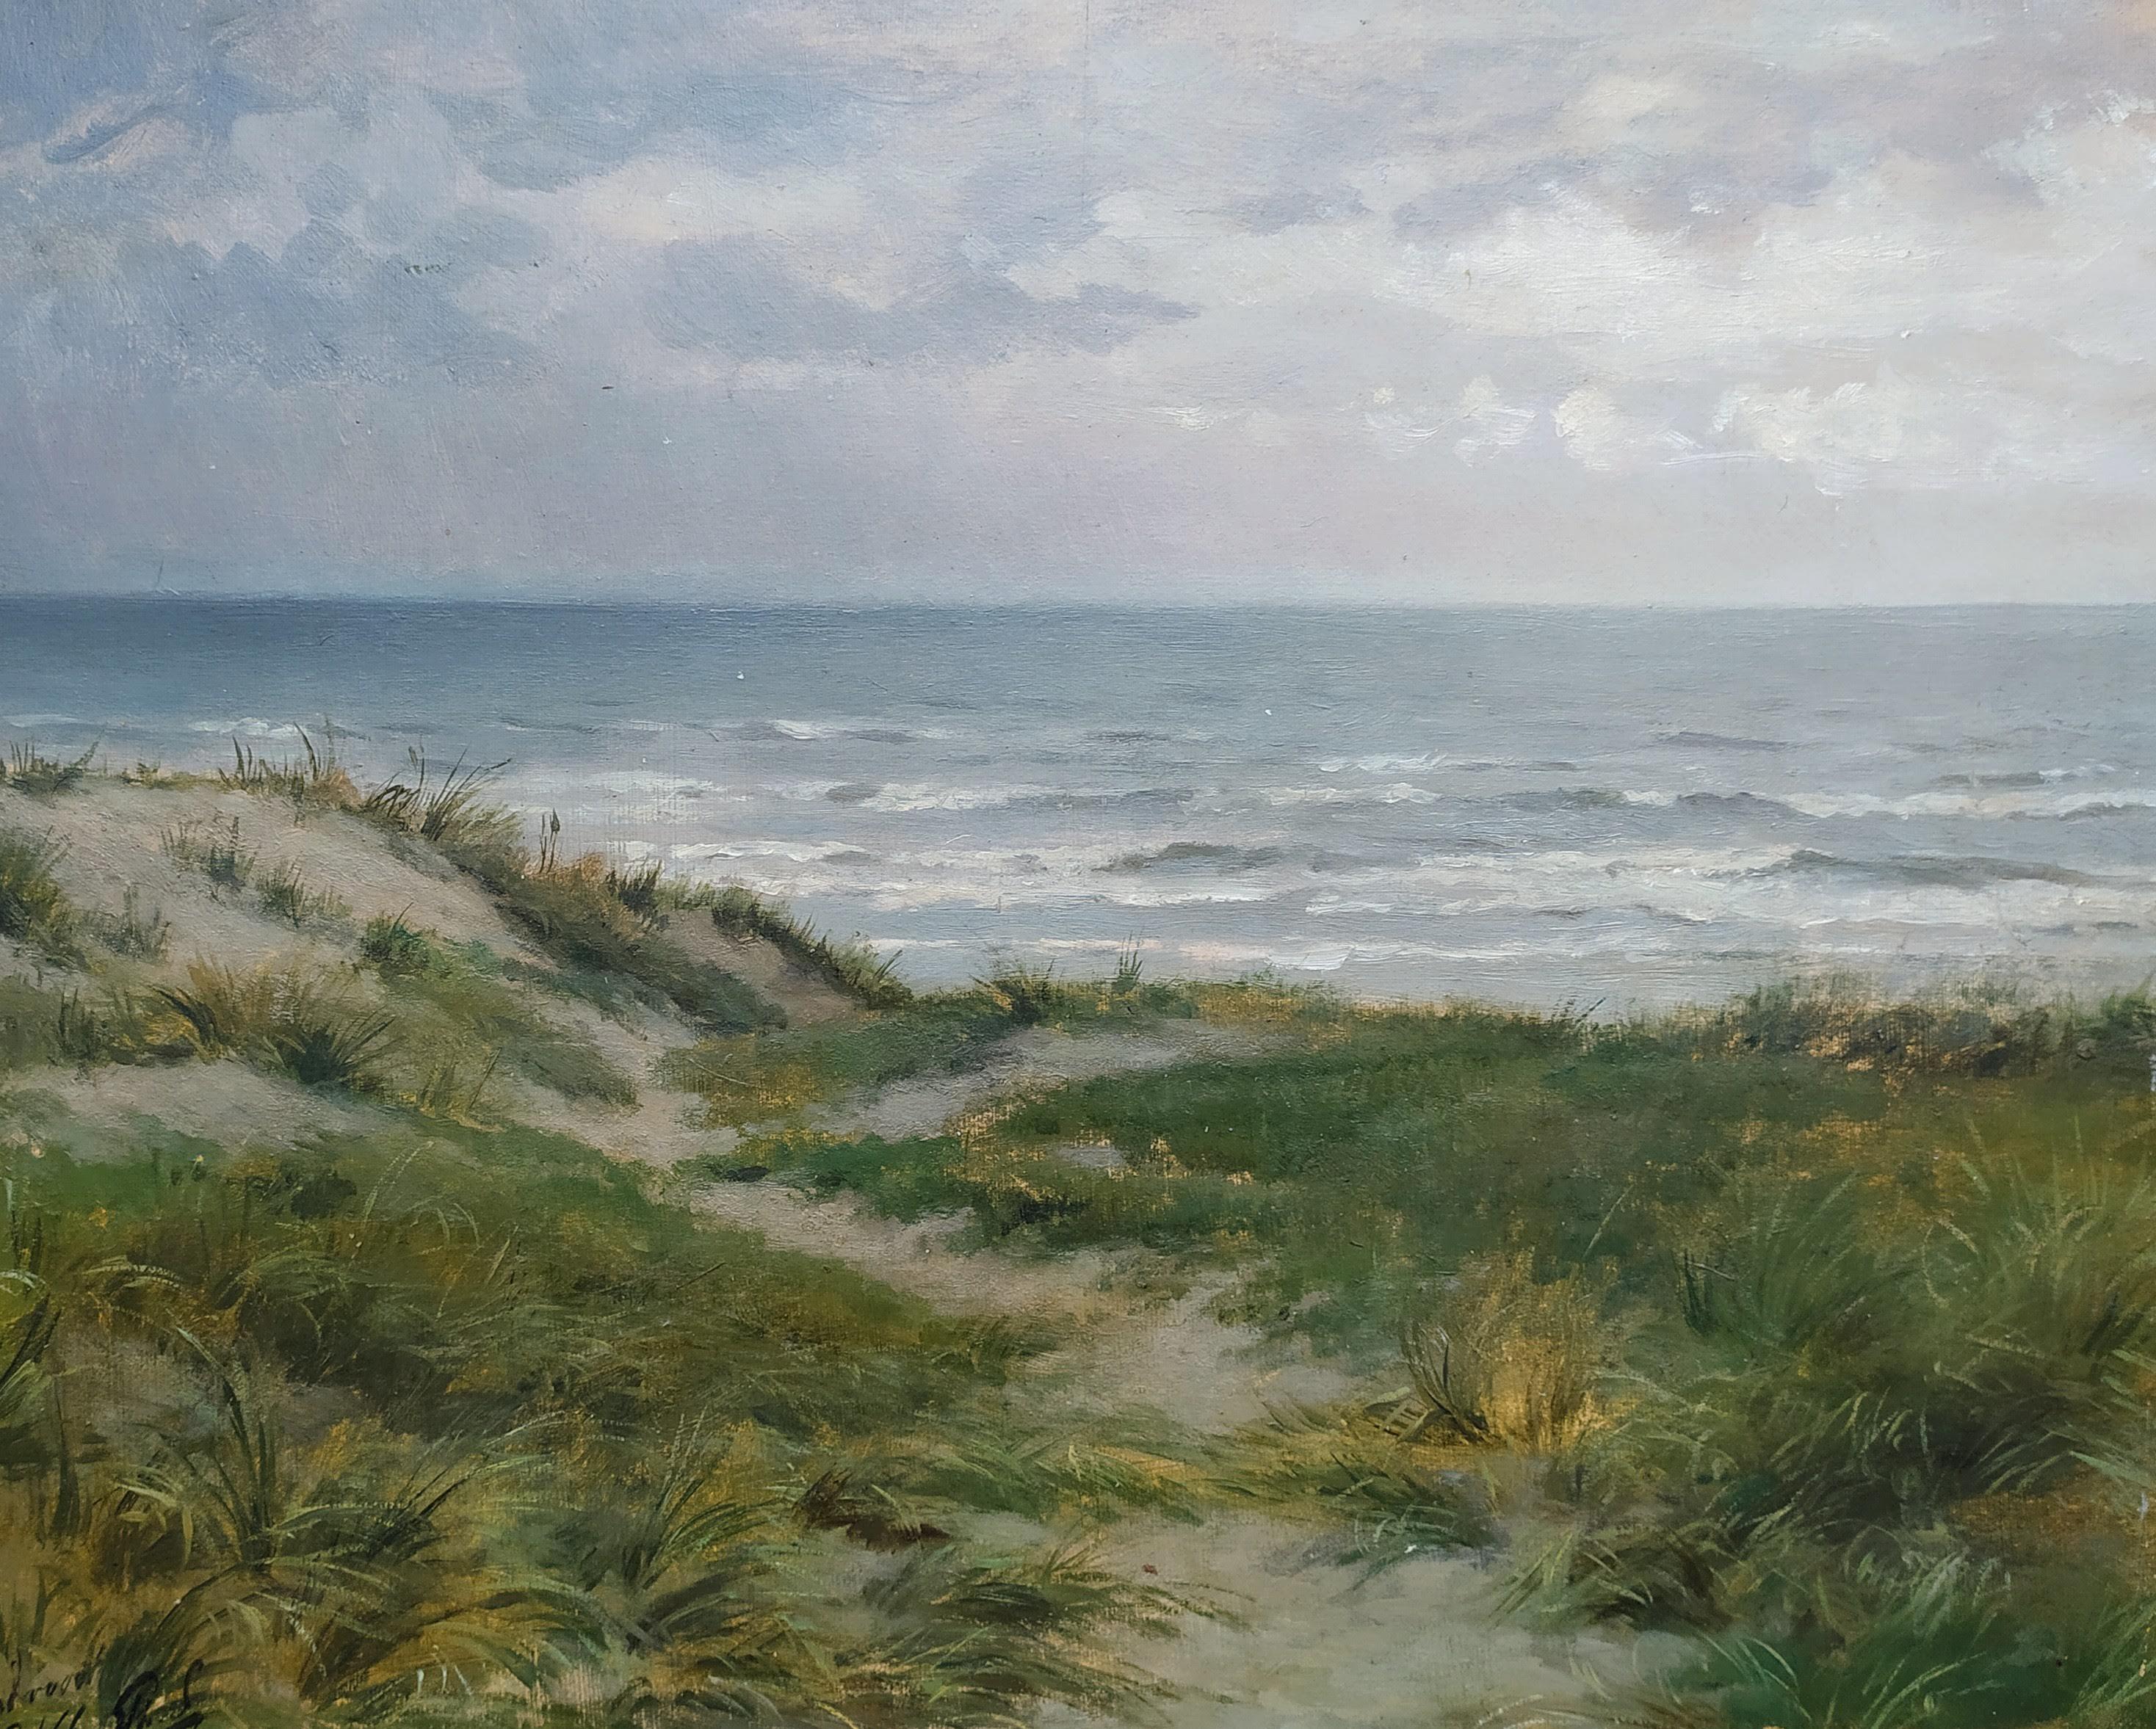 Het spel van wolken, wind regen, zee, strand, duinen en licht bij Zandvoort- Philip Lodewijk Jacob Frederik Sadée